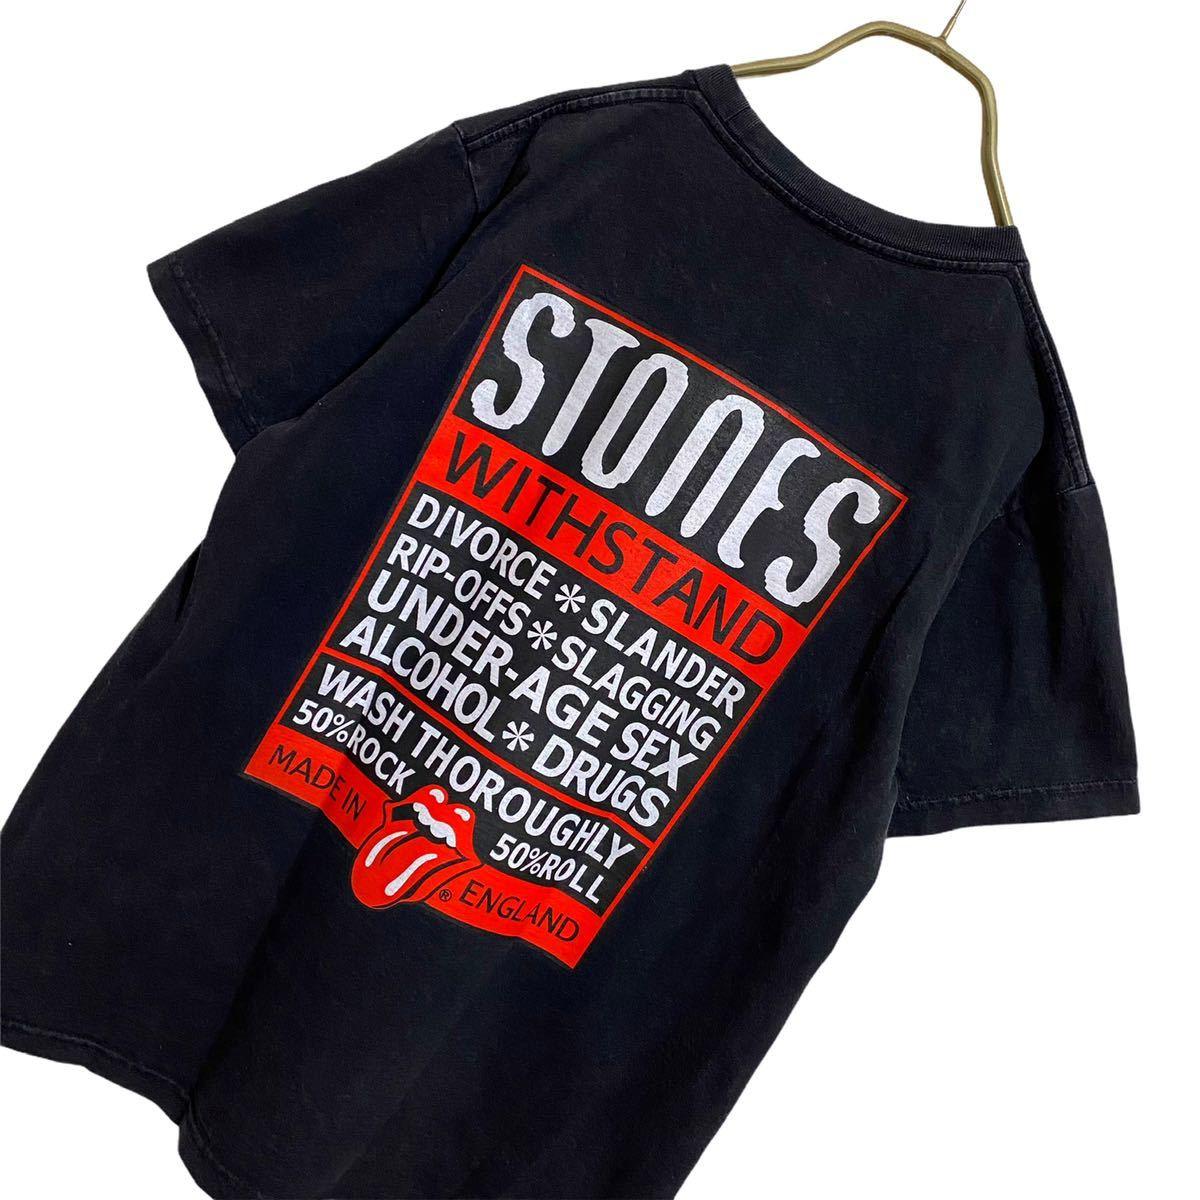 【廃盤】ローリングストーンズ リップアンドタン ロゴ Tシャツ メンズ S 古着 ヴードゥーラウンジツアー バンドTシャツ ロックTシャツ 黒